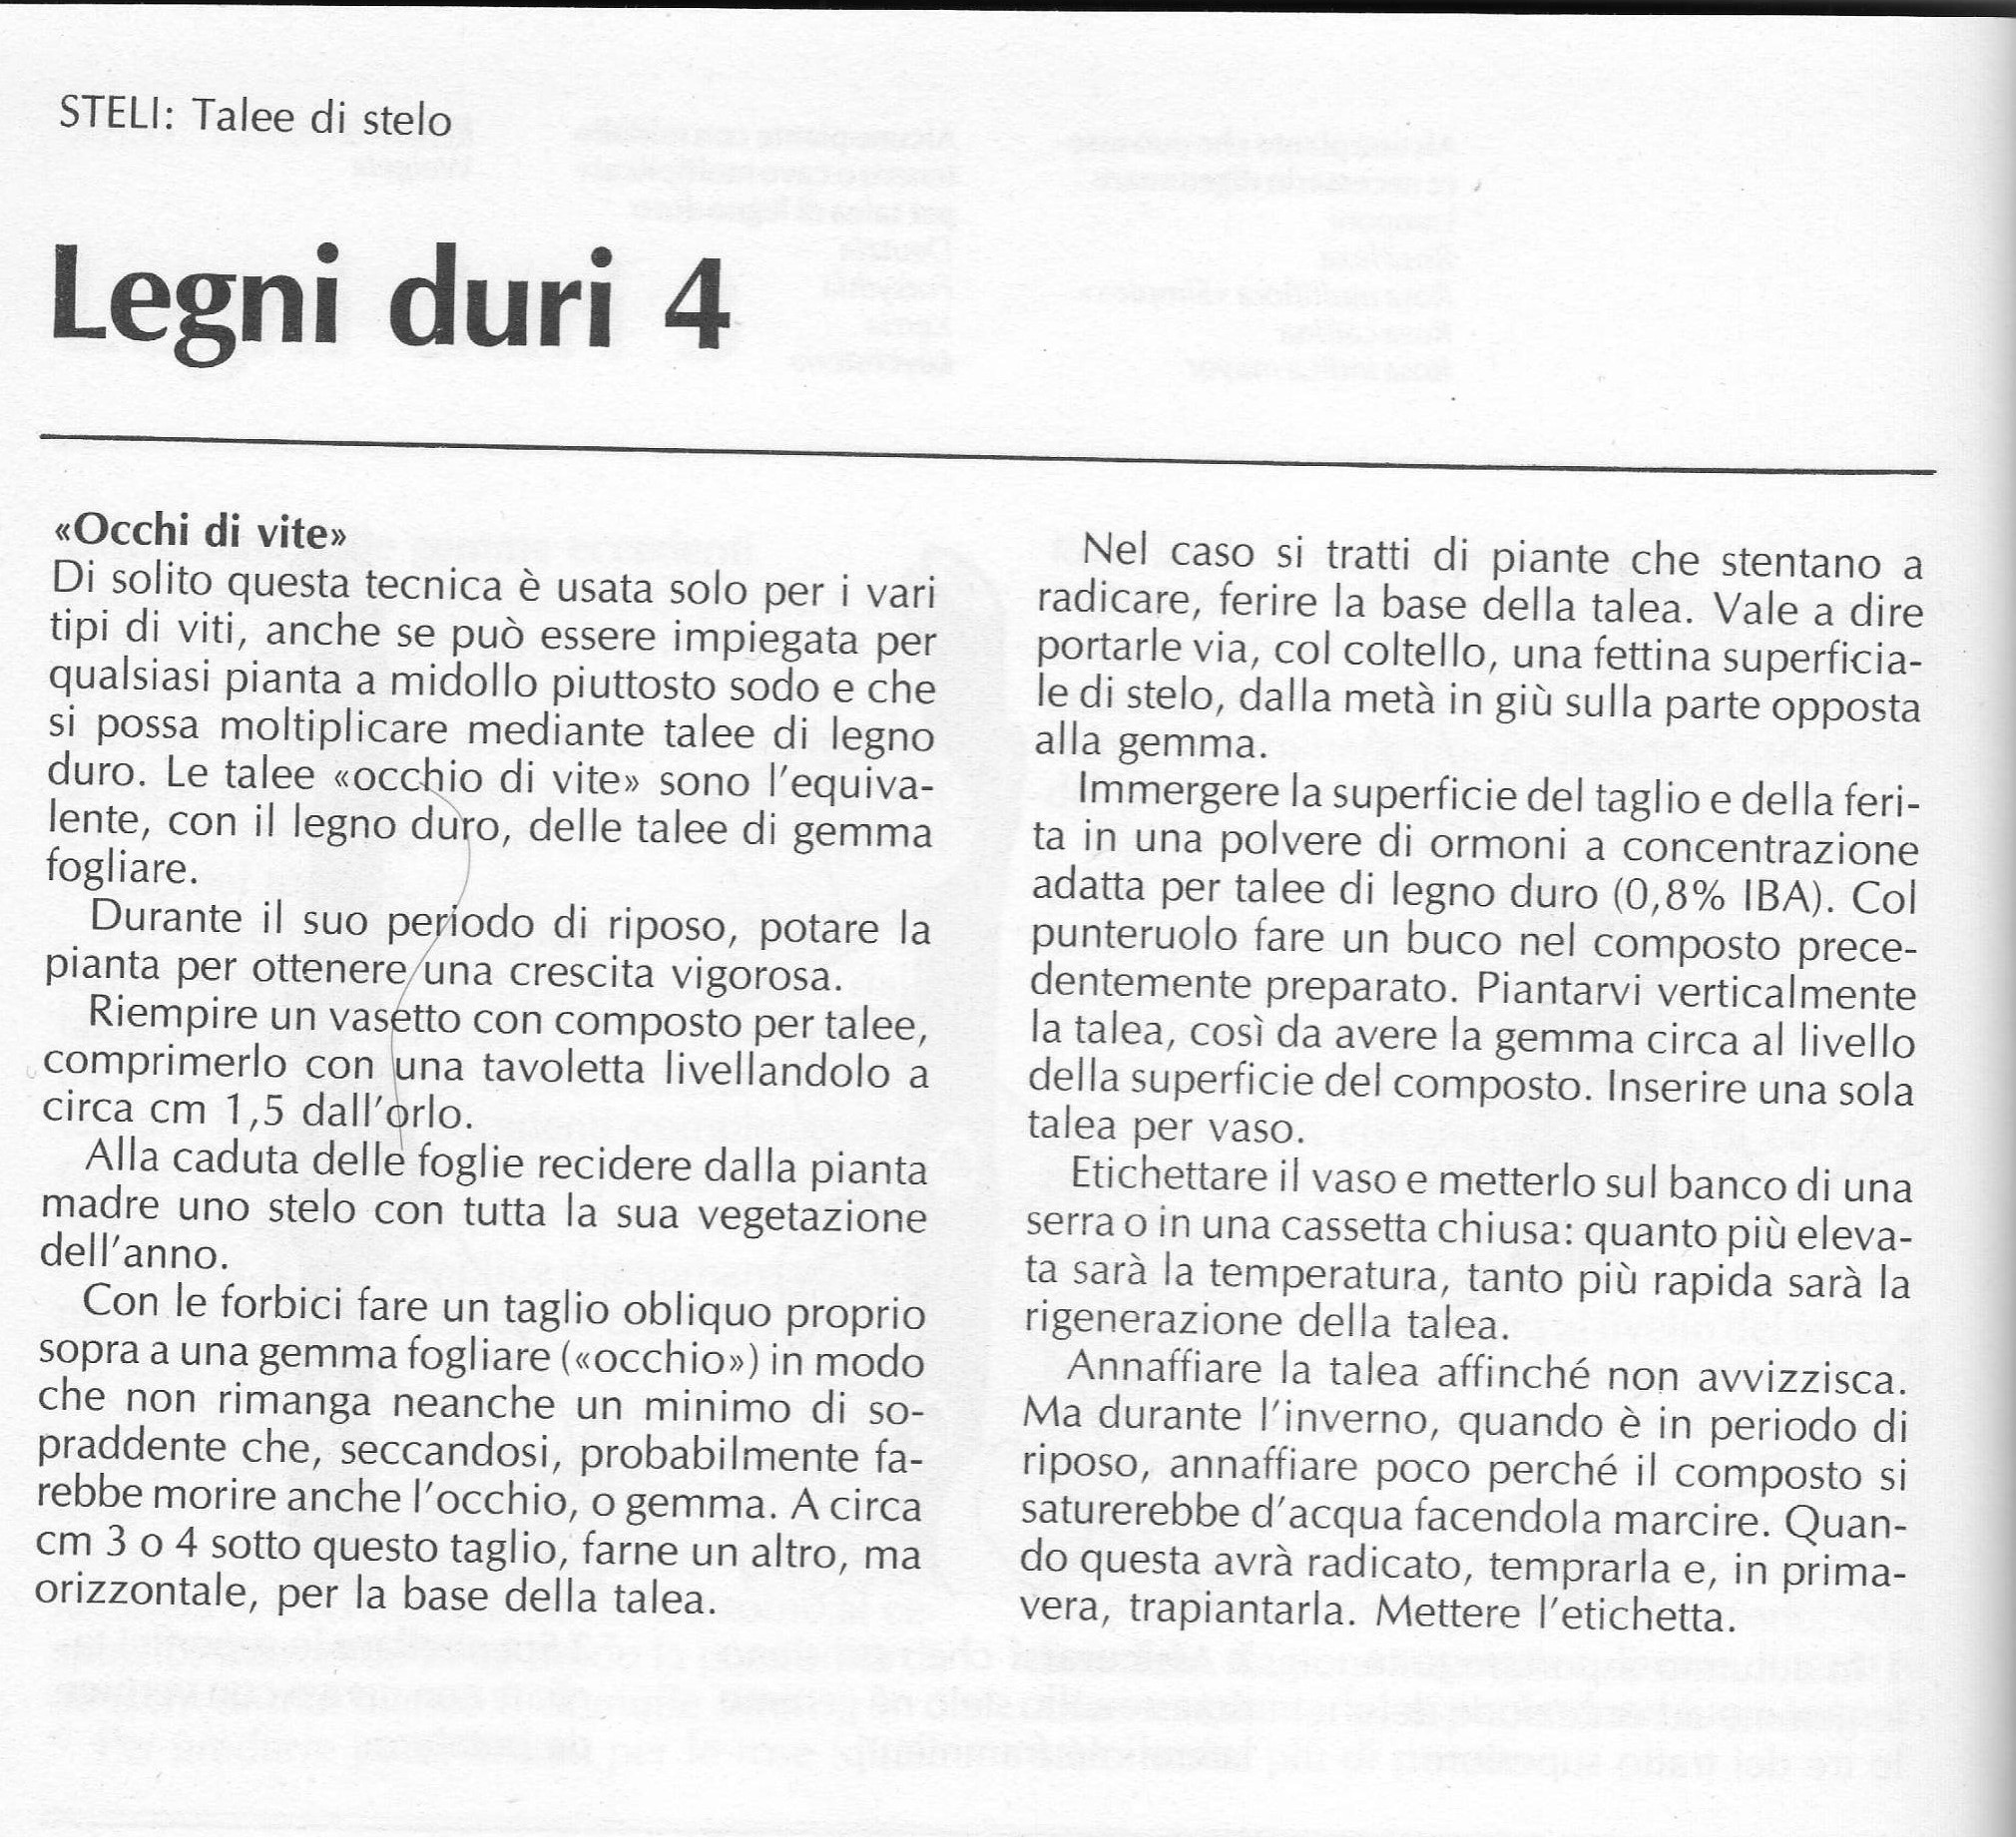 http://www.energialternativa.info/public/newforum/ForumEA/G/1_1.jpg